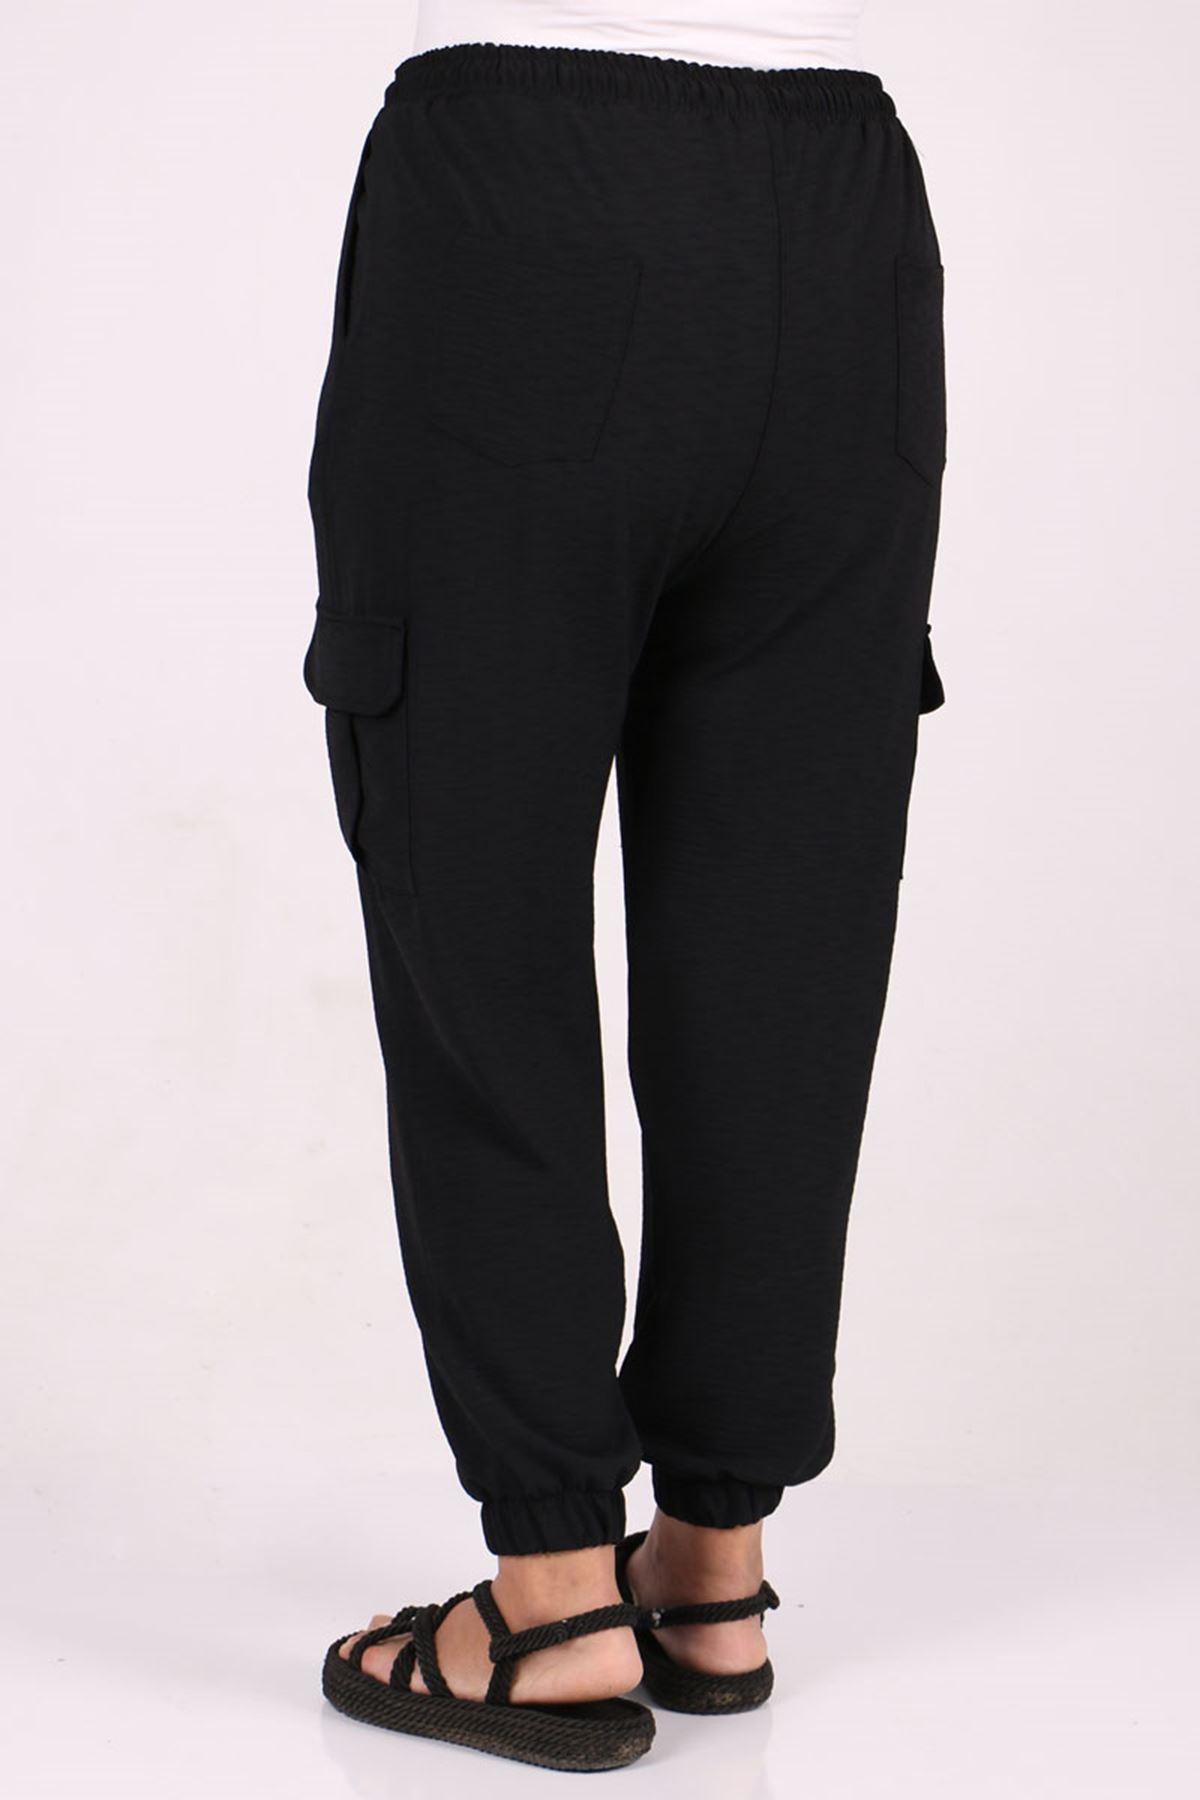 9168 Büyük Beden Lastikli Kuba Krep Pantolon - Siyah